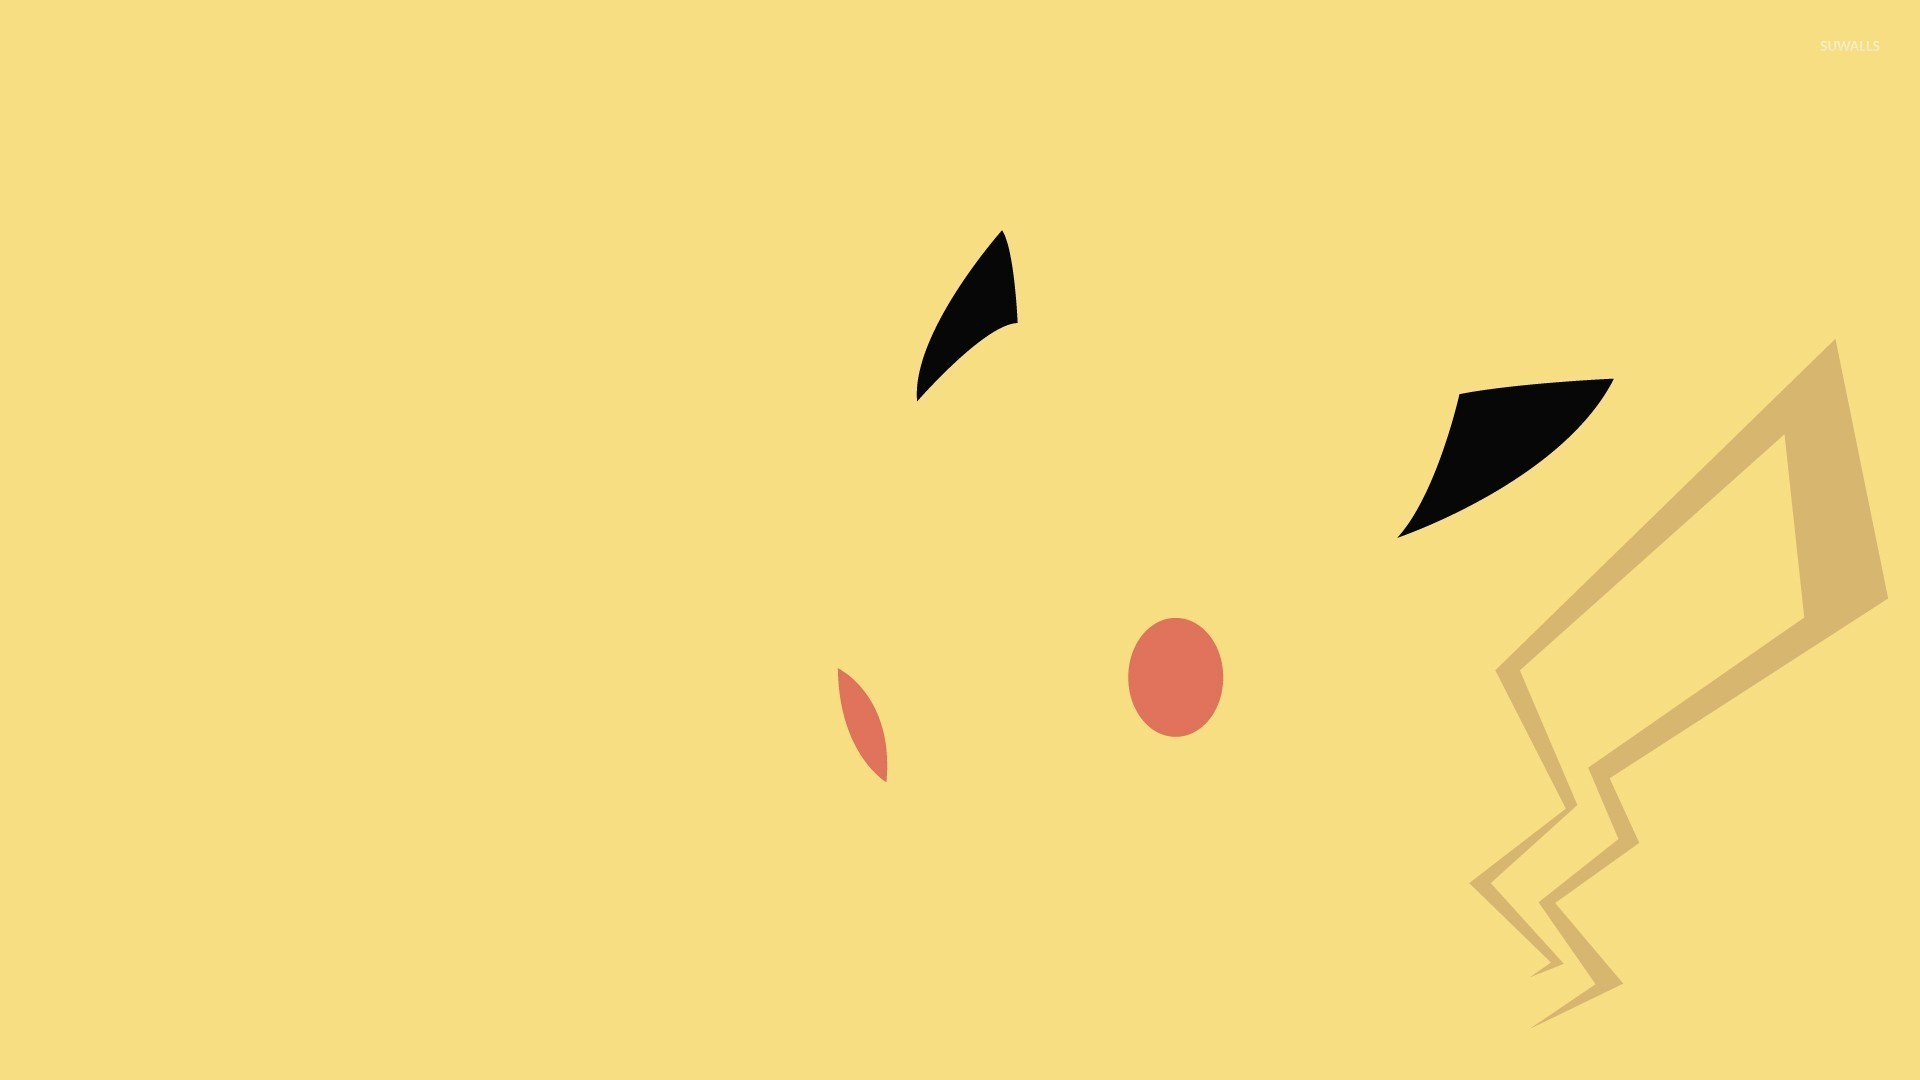 Pikachu – Pokemon [3] wallpaper